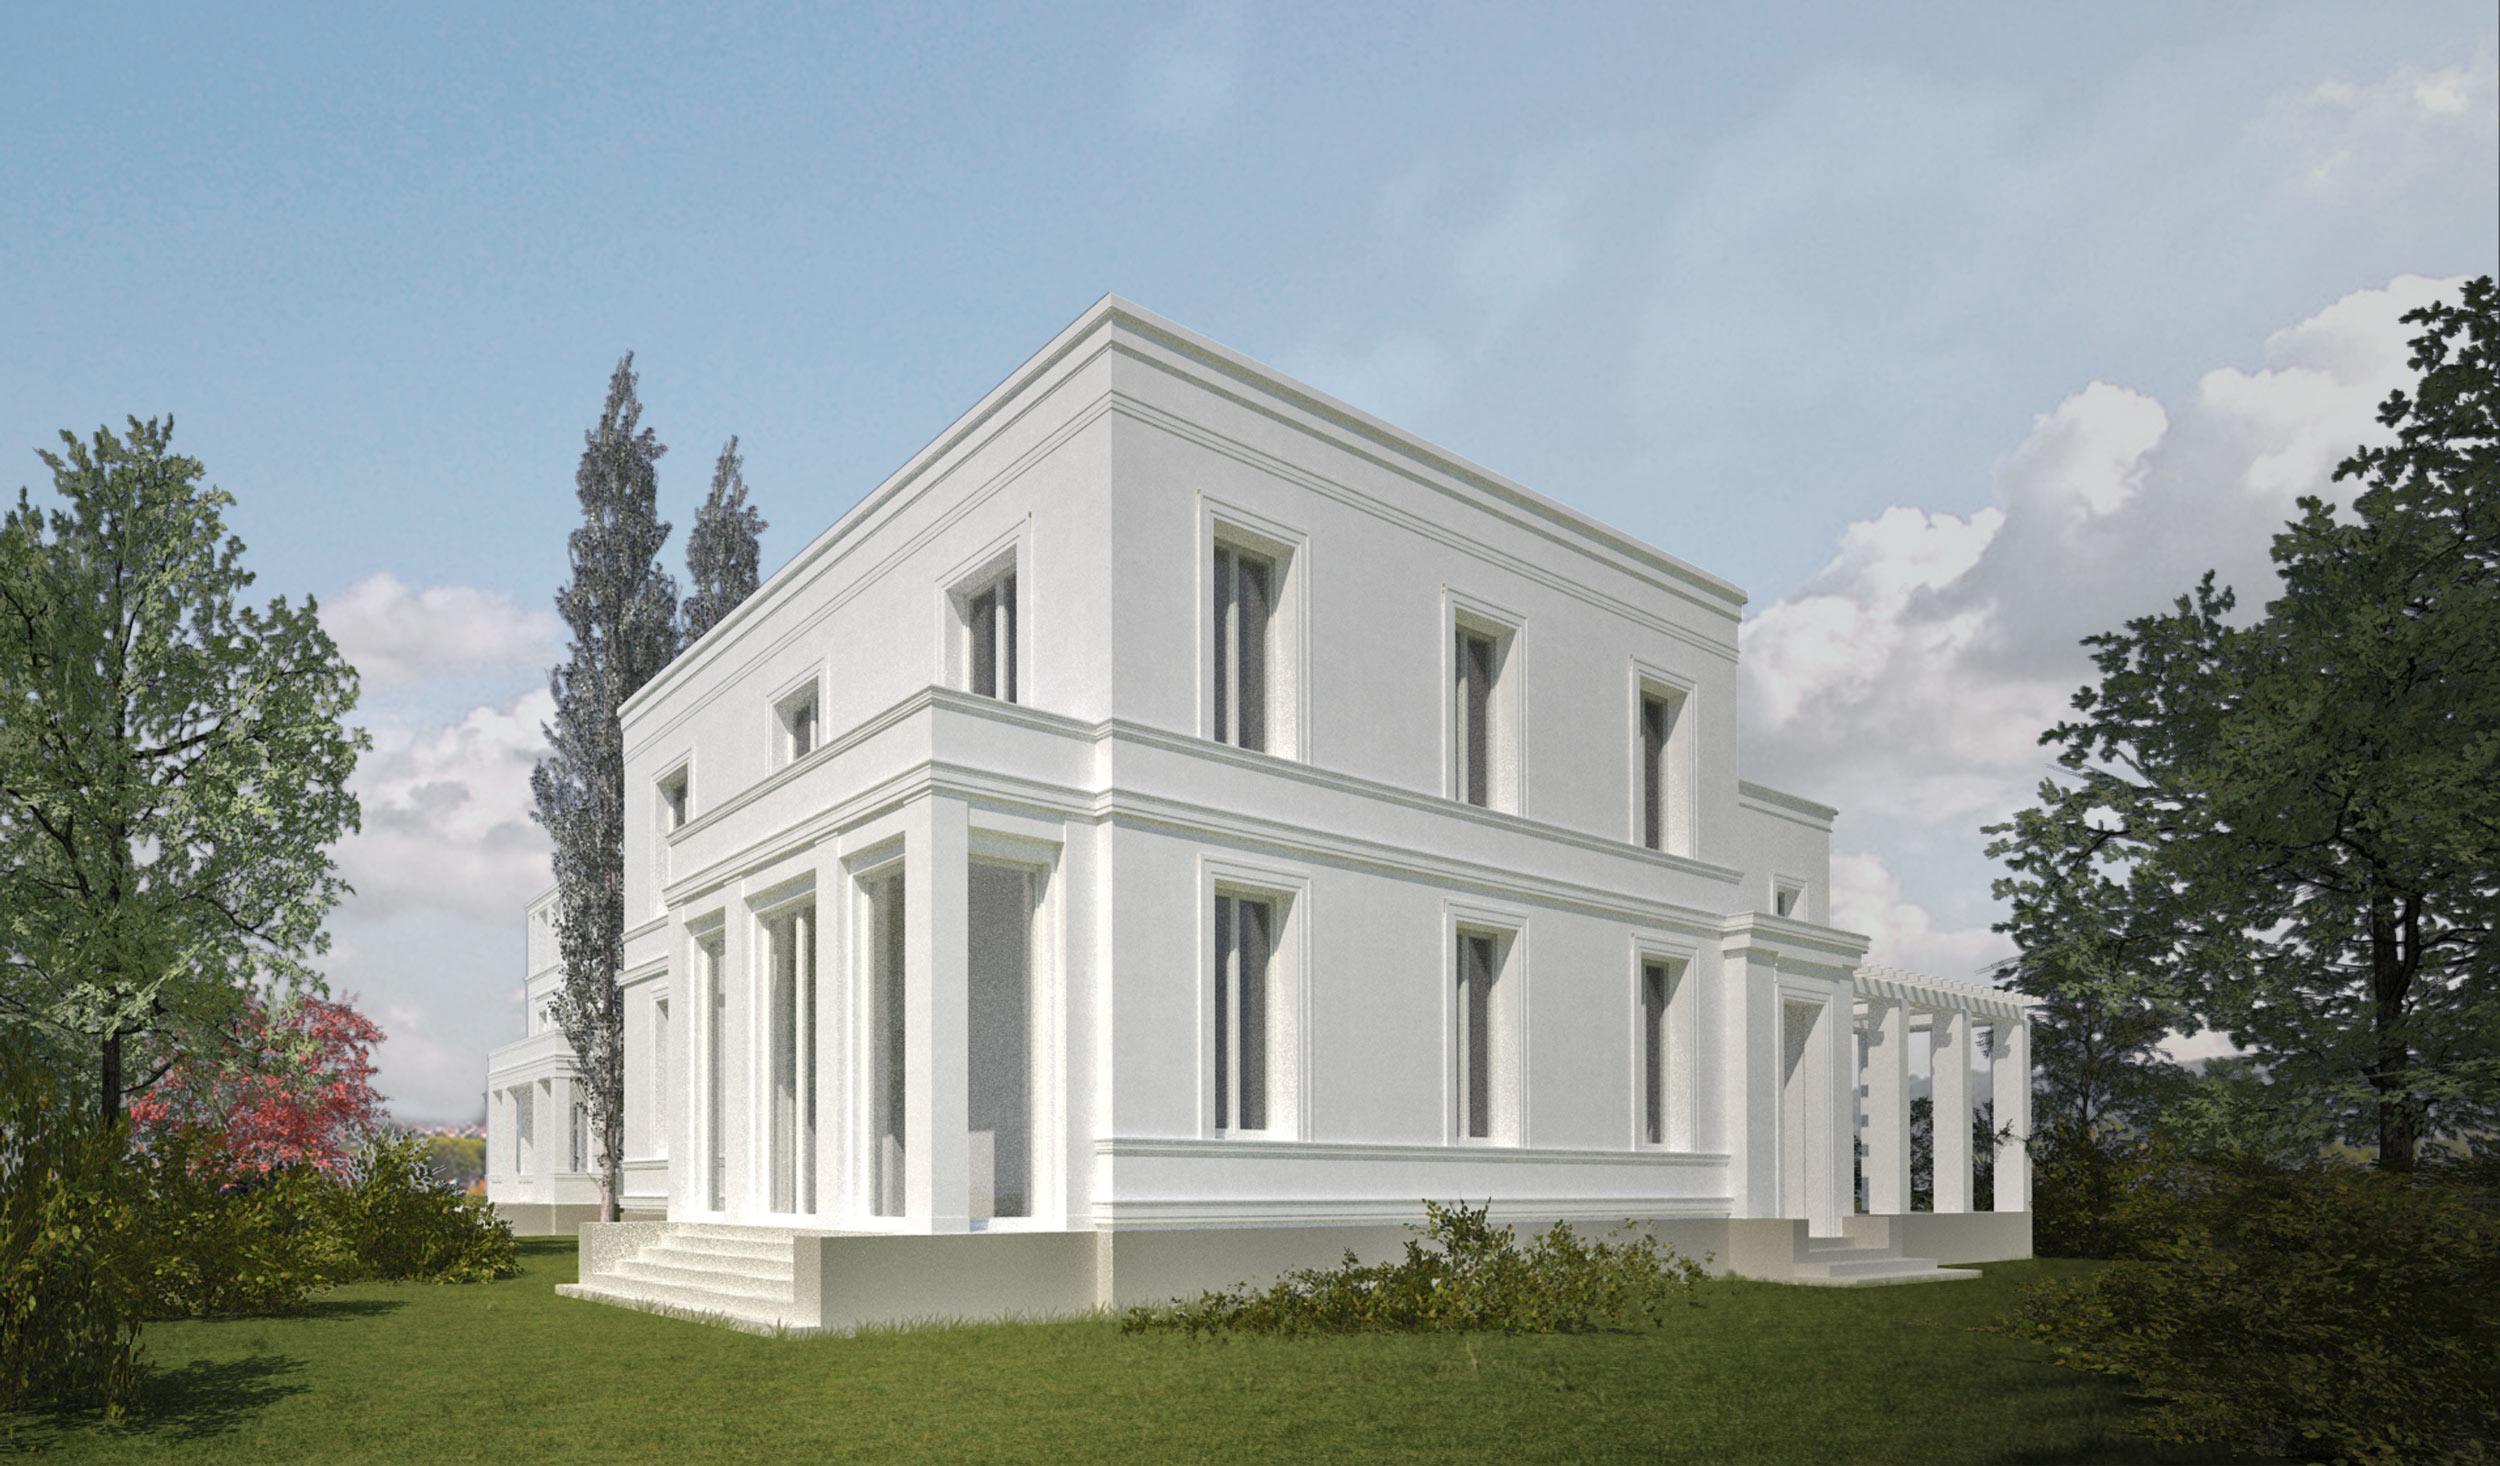 Errichtung klassischer Neubauvillen in Potsdam-Jungfernsee - Klassische Fassadenordnung mit profilierten Fensterumrahmungen und Stuckgesimsen